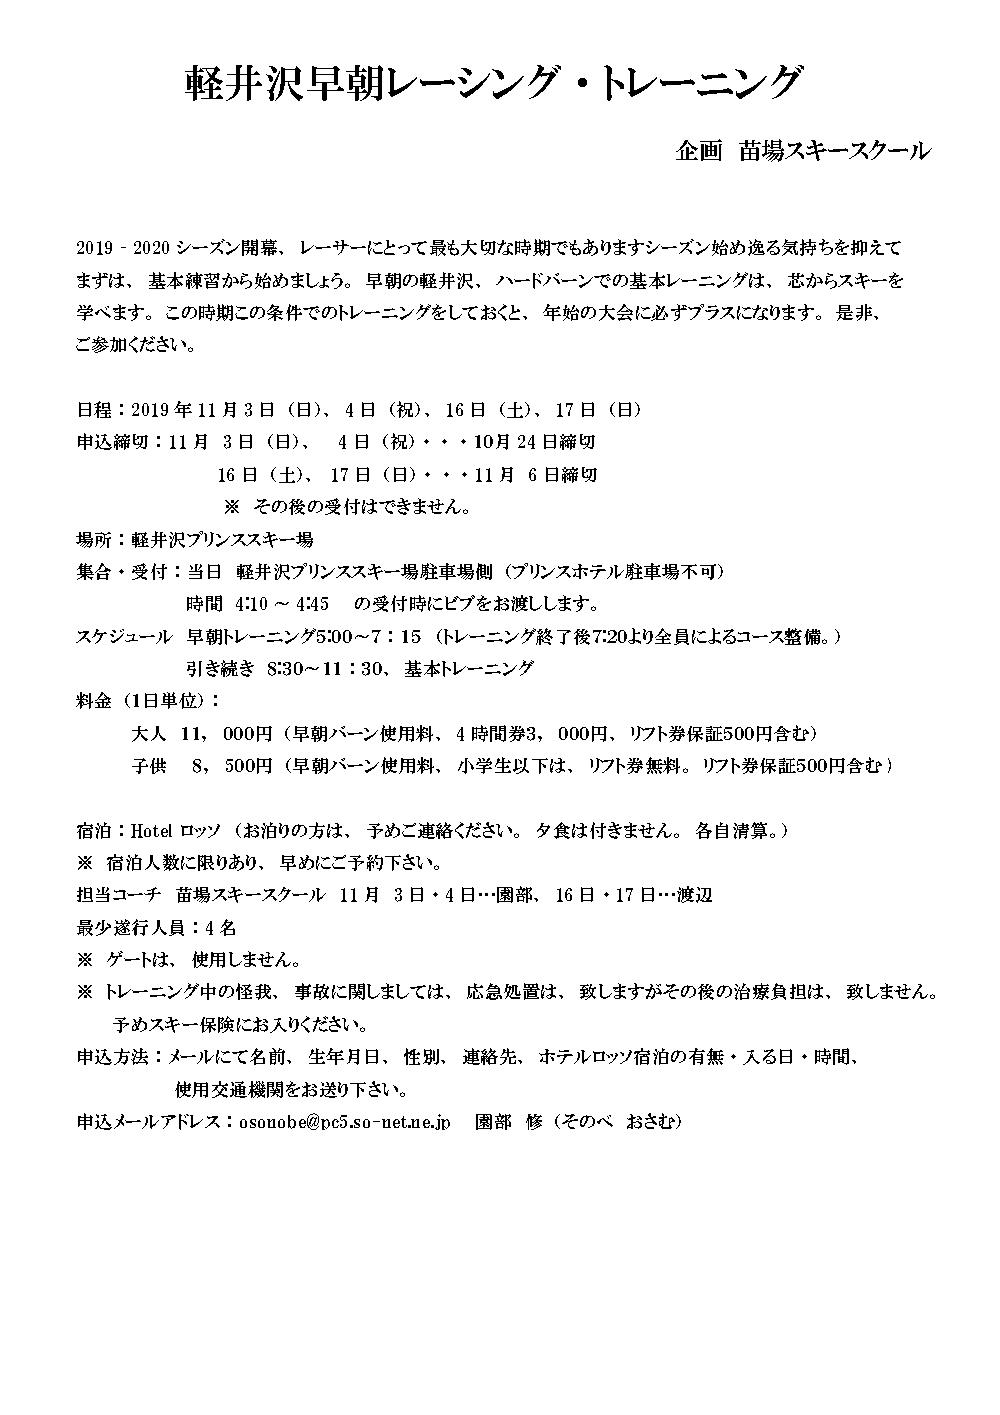 2020軽井沢早朝レーシング・トレーニング